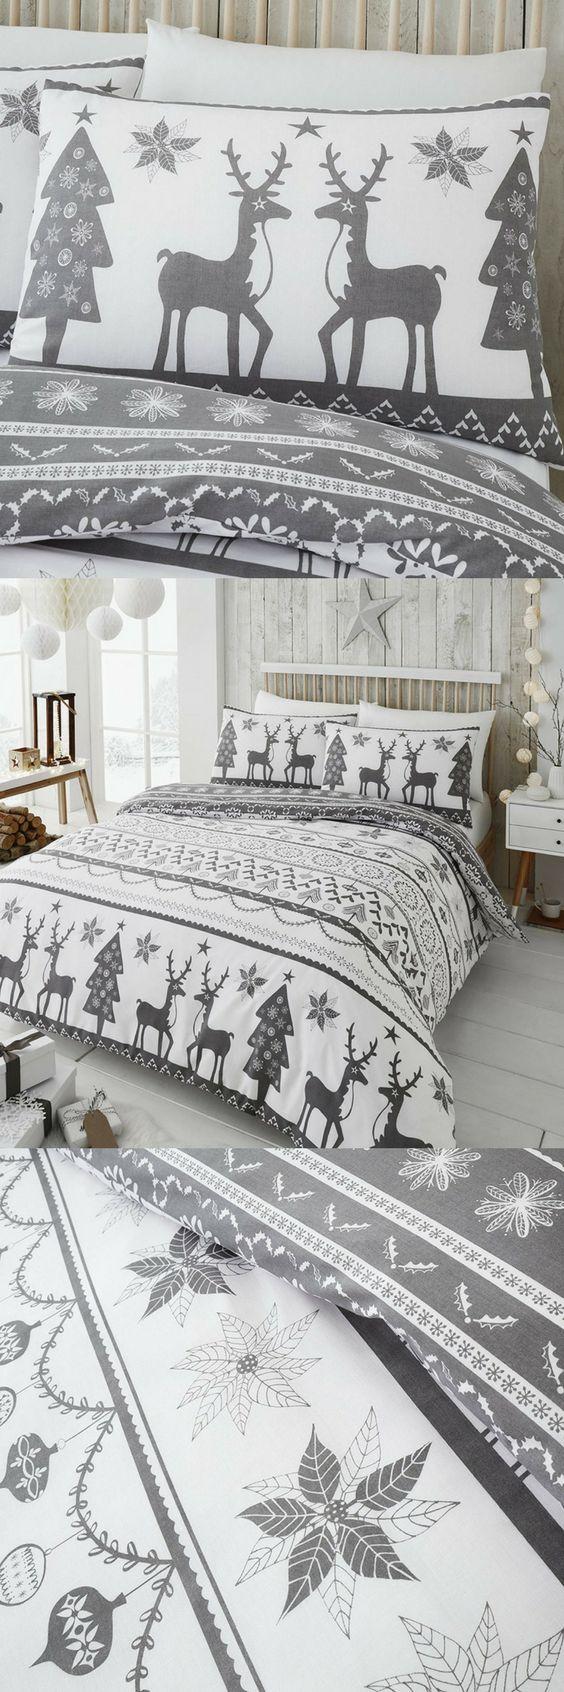 Happy Linen Co Festive Scandi Nordic Christmas Grey Double Duvet Cover Set #linen #christmas #christmasdecor #xmas #bedding #xmashomedcoraccents #bedroomideas #bedroom #bed #bedroomdecor #bedroomdesign #bedroomfurniture #winter #winterdecor #decor